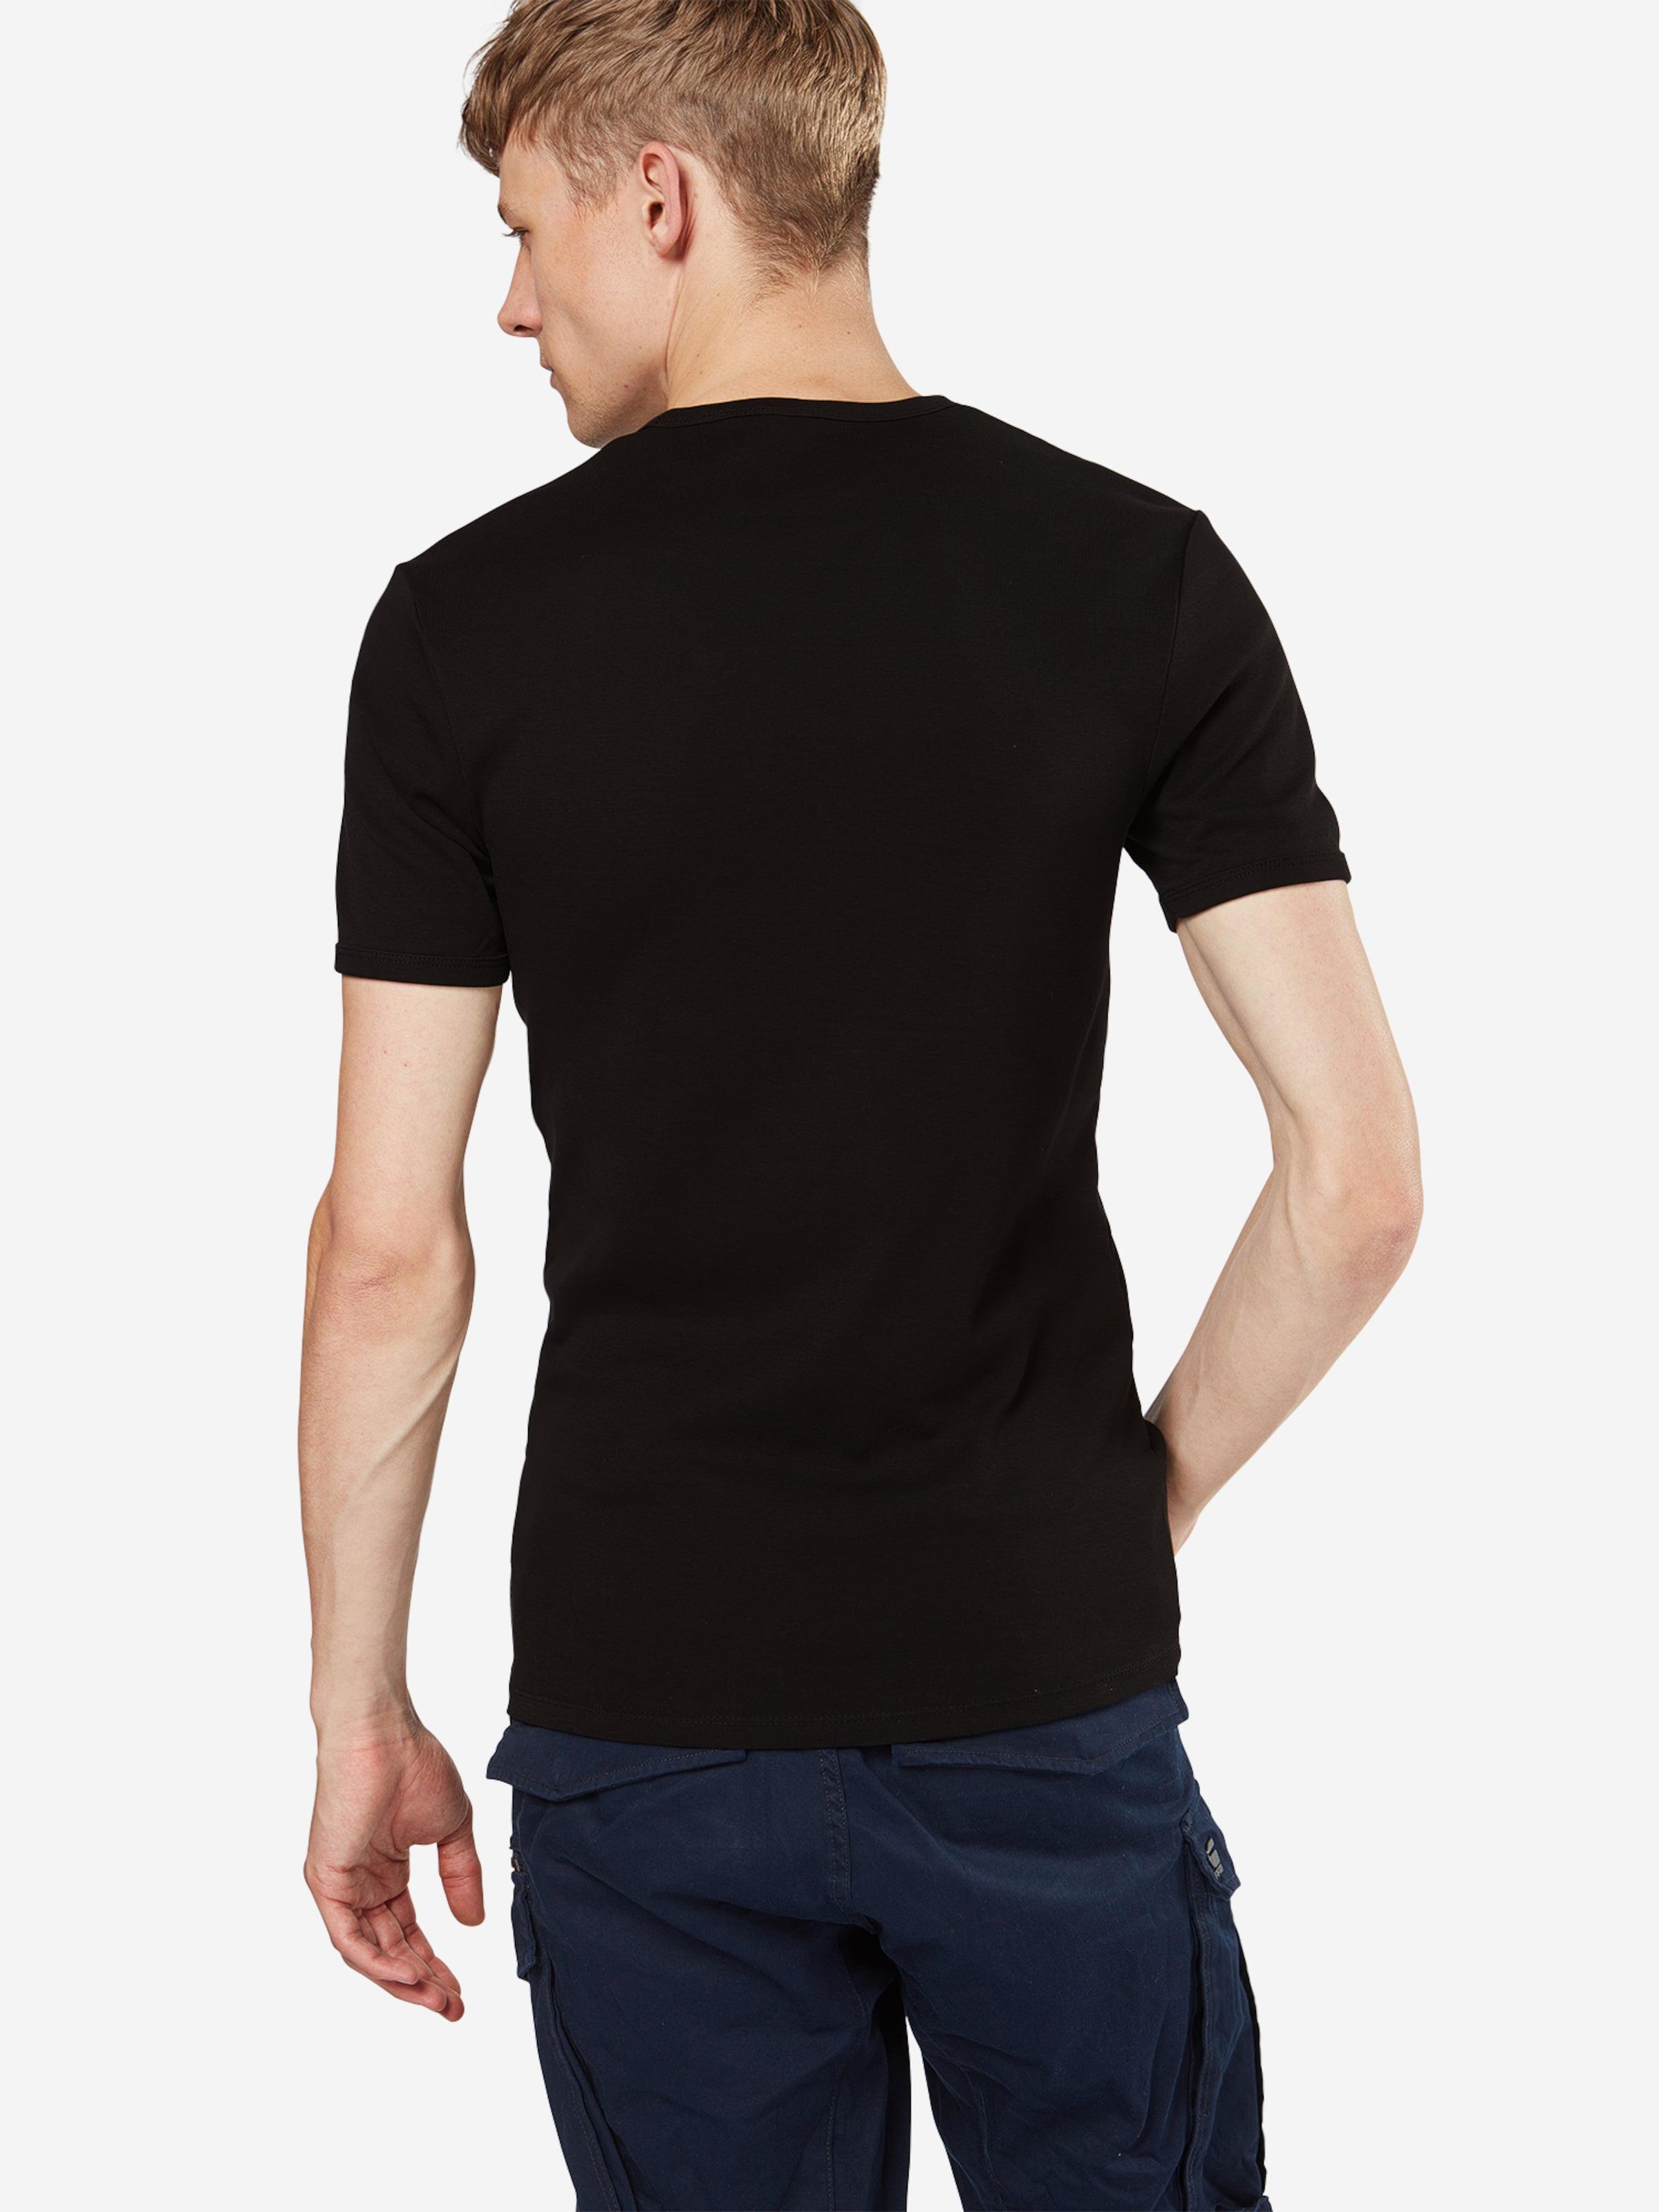 En shirt star Gris G Raw Chiné T xerdCBWQo